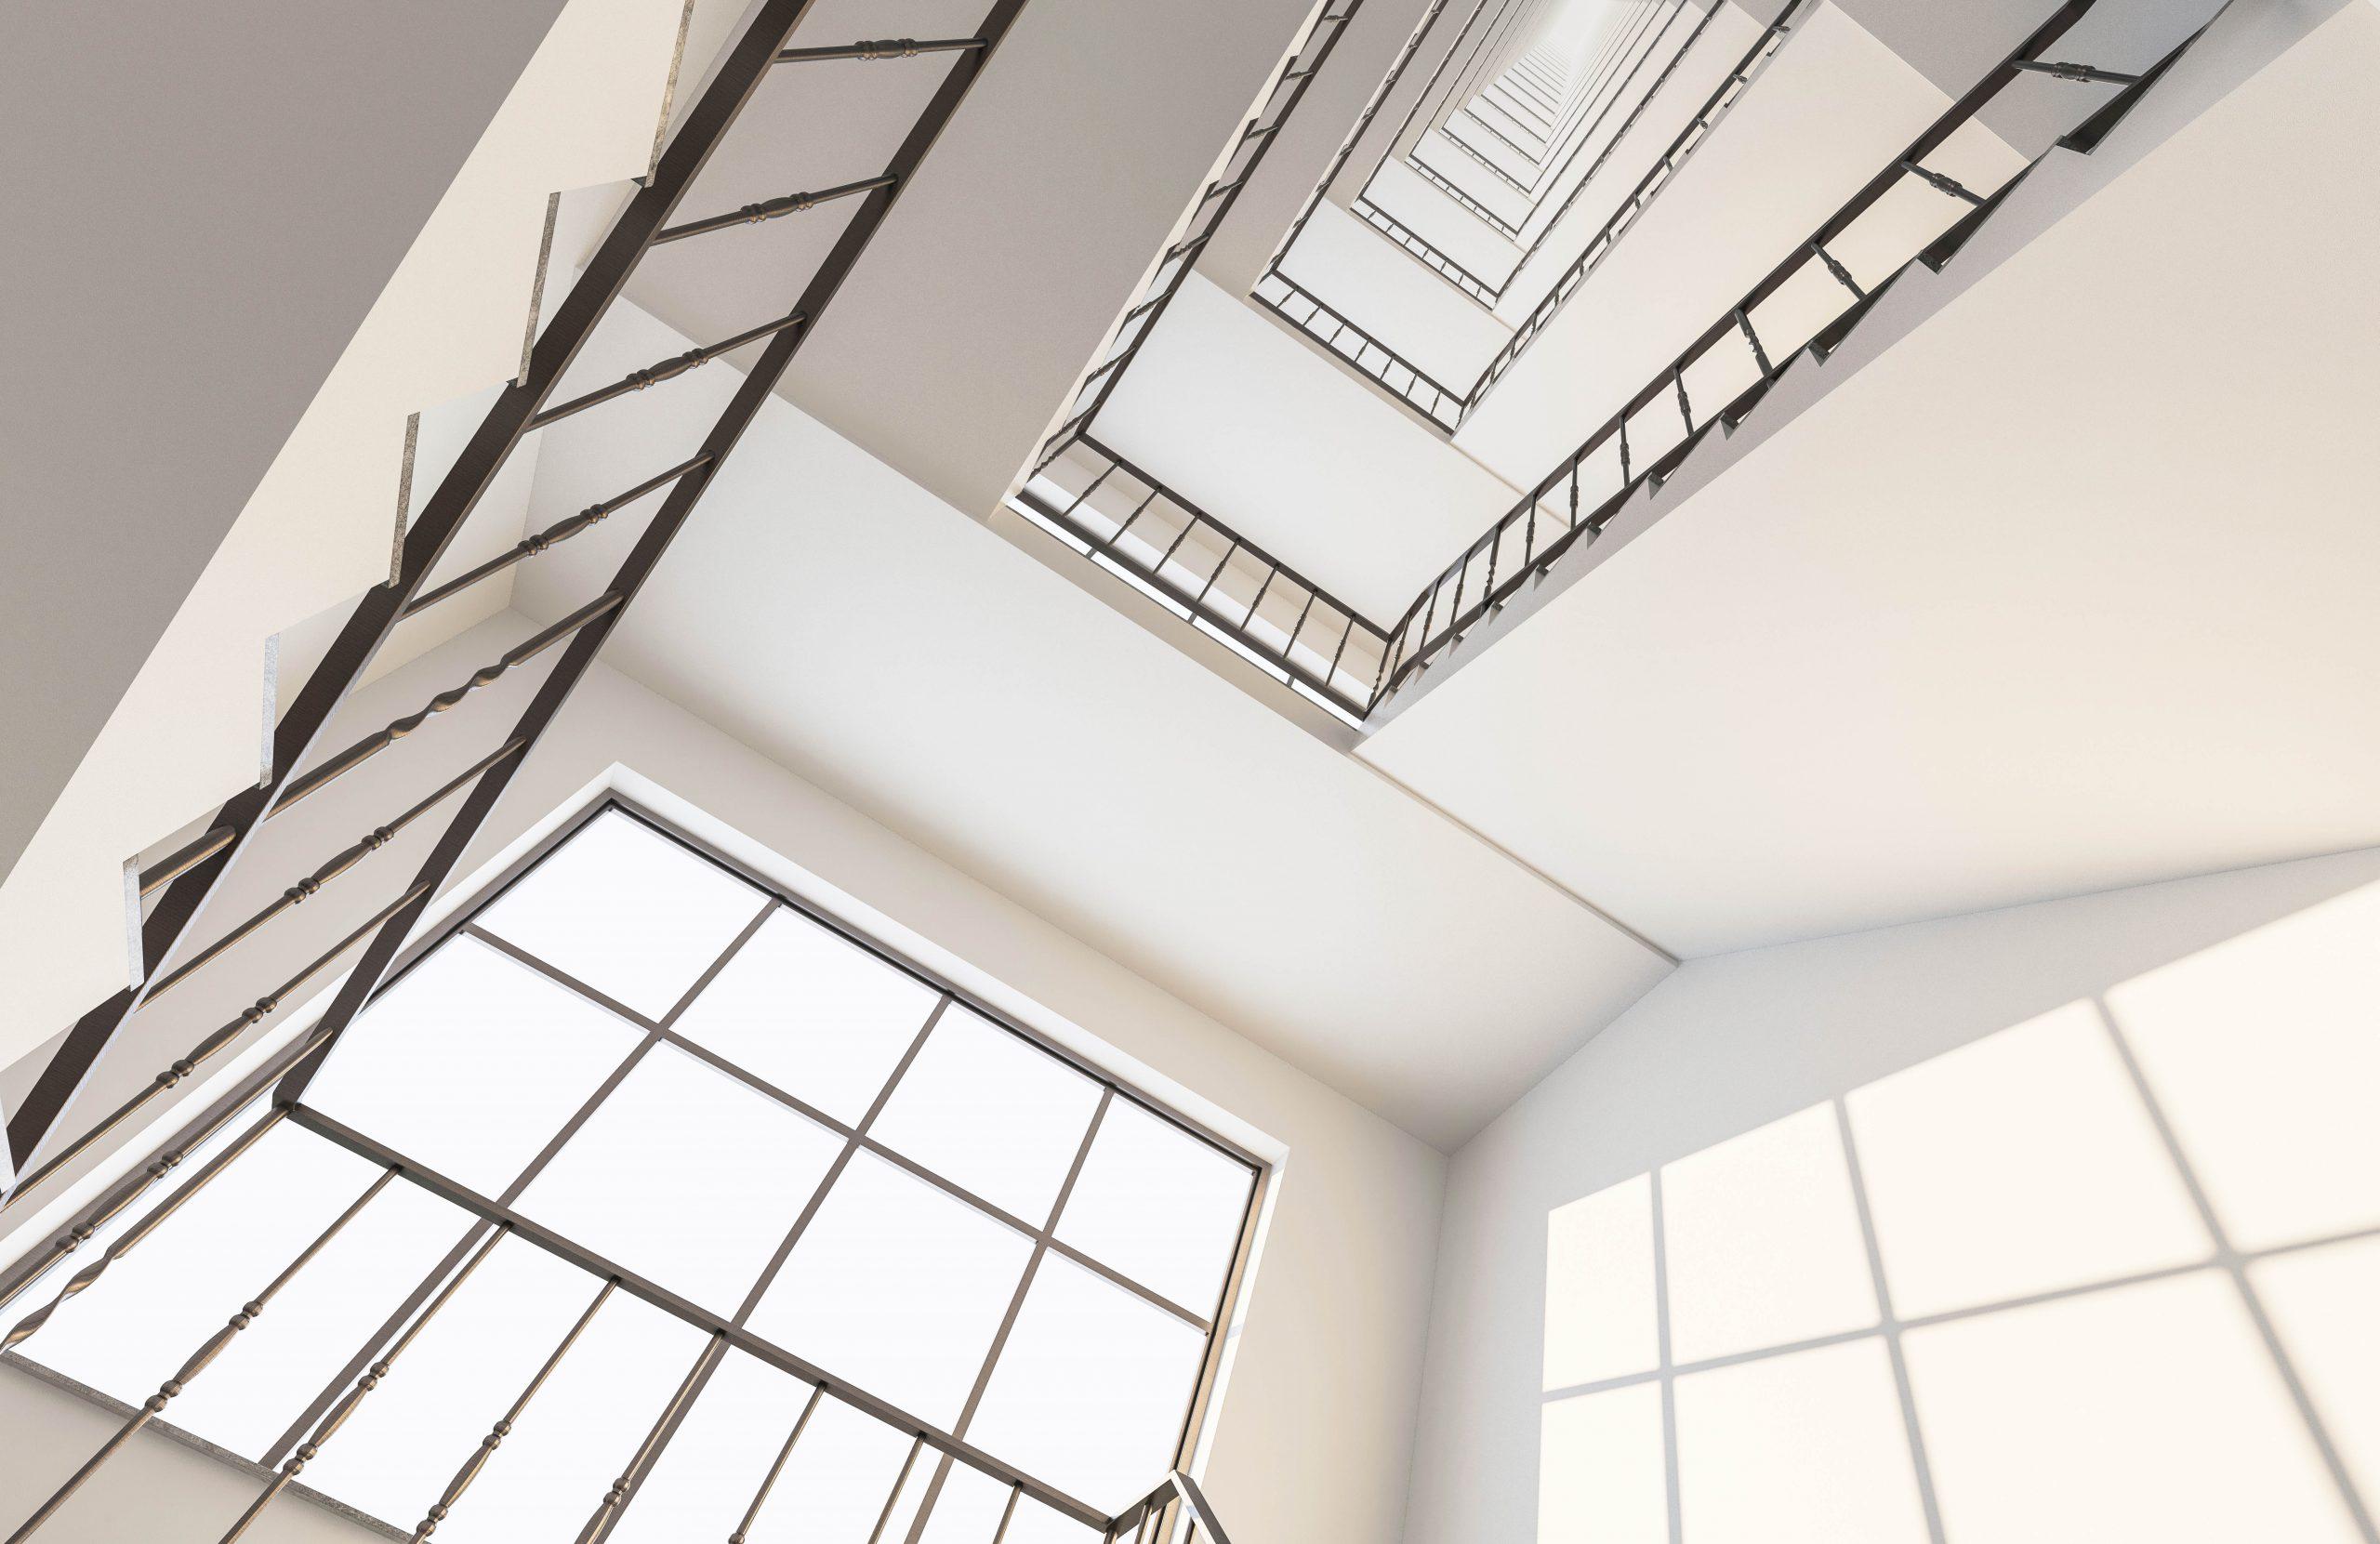 Below,The,Stairs,Looking,Up,3d,Rendering